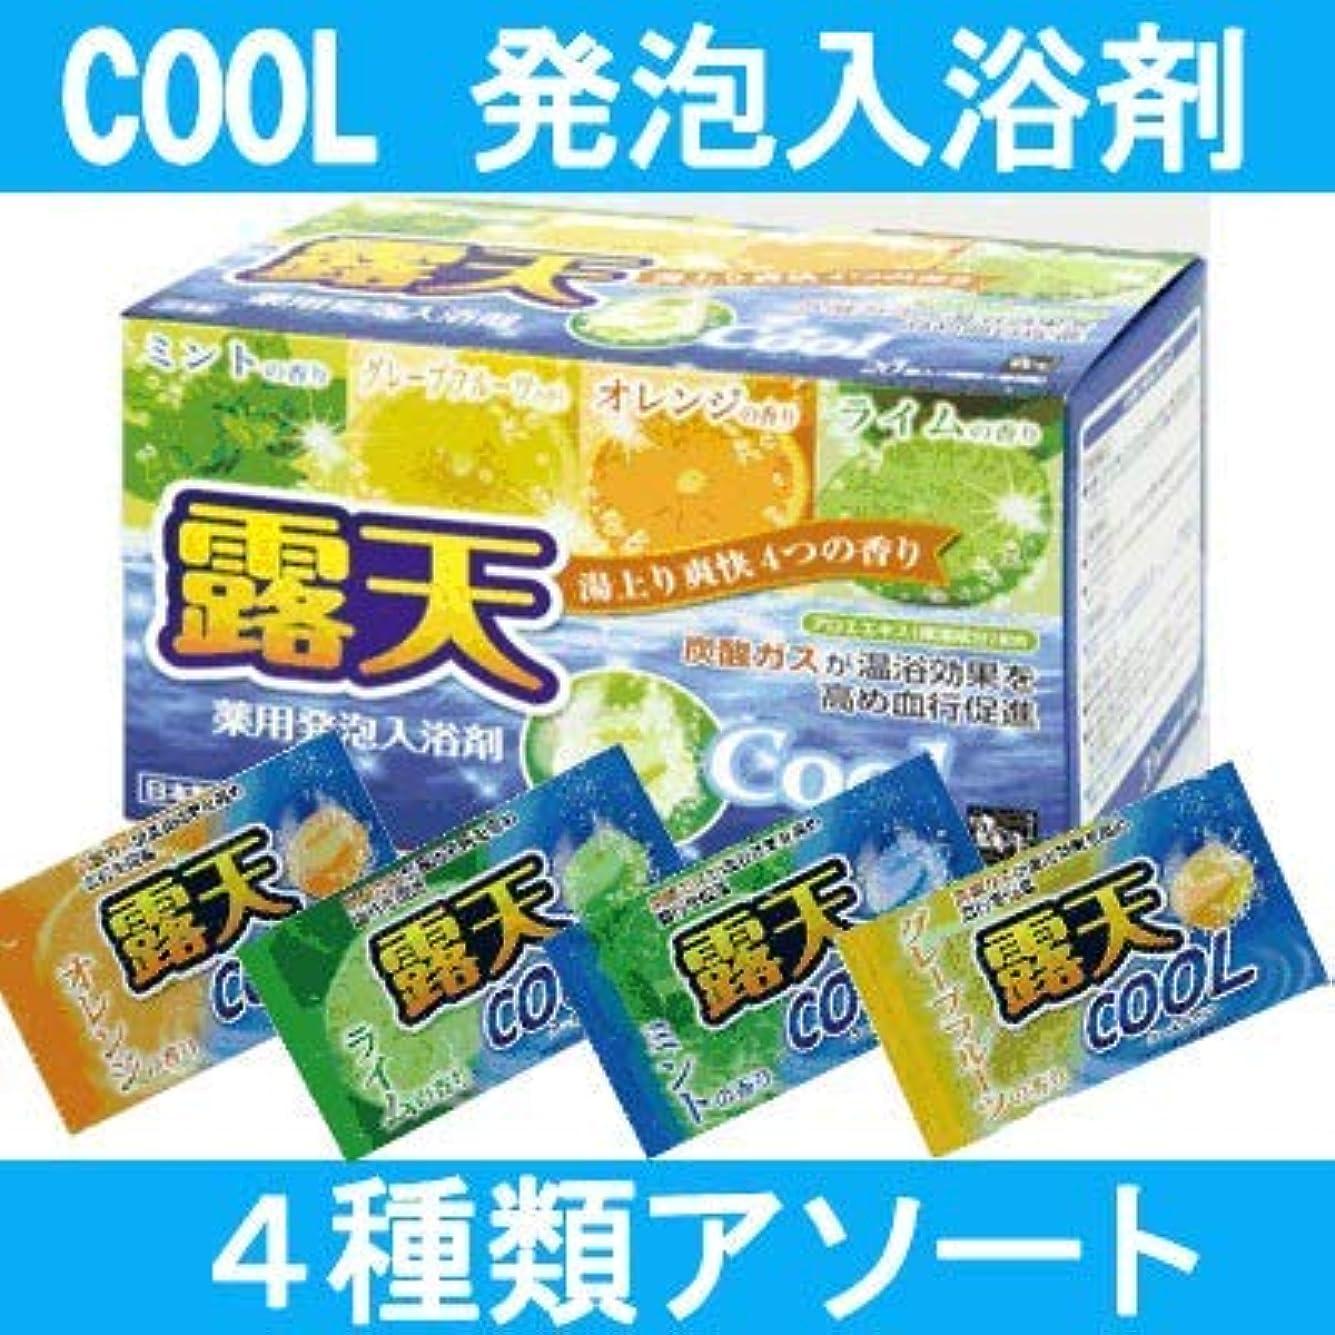 代わりに冬それぞれ【薬用発泡入浴剤】 露天40g クール 4種類アソート(1セット400個入)